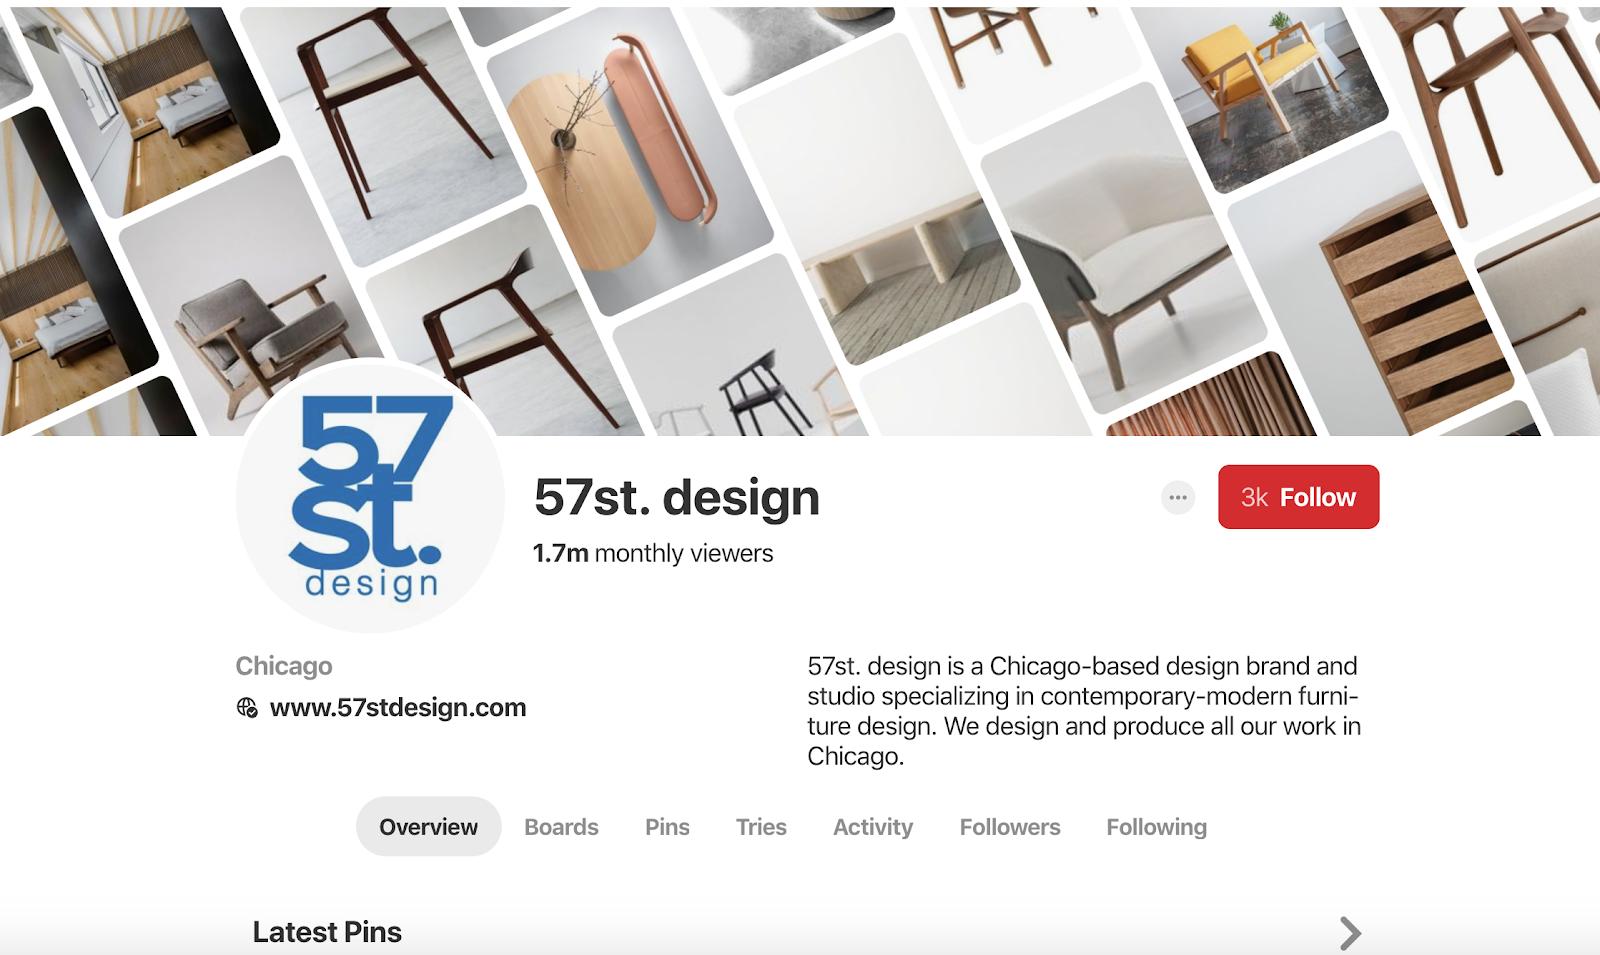 57st. design on Pinterest